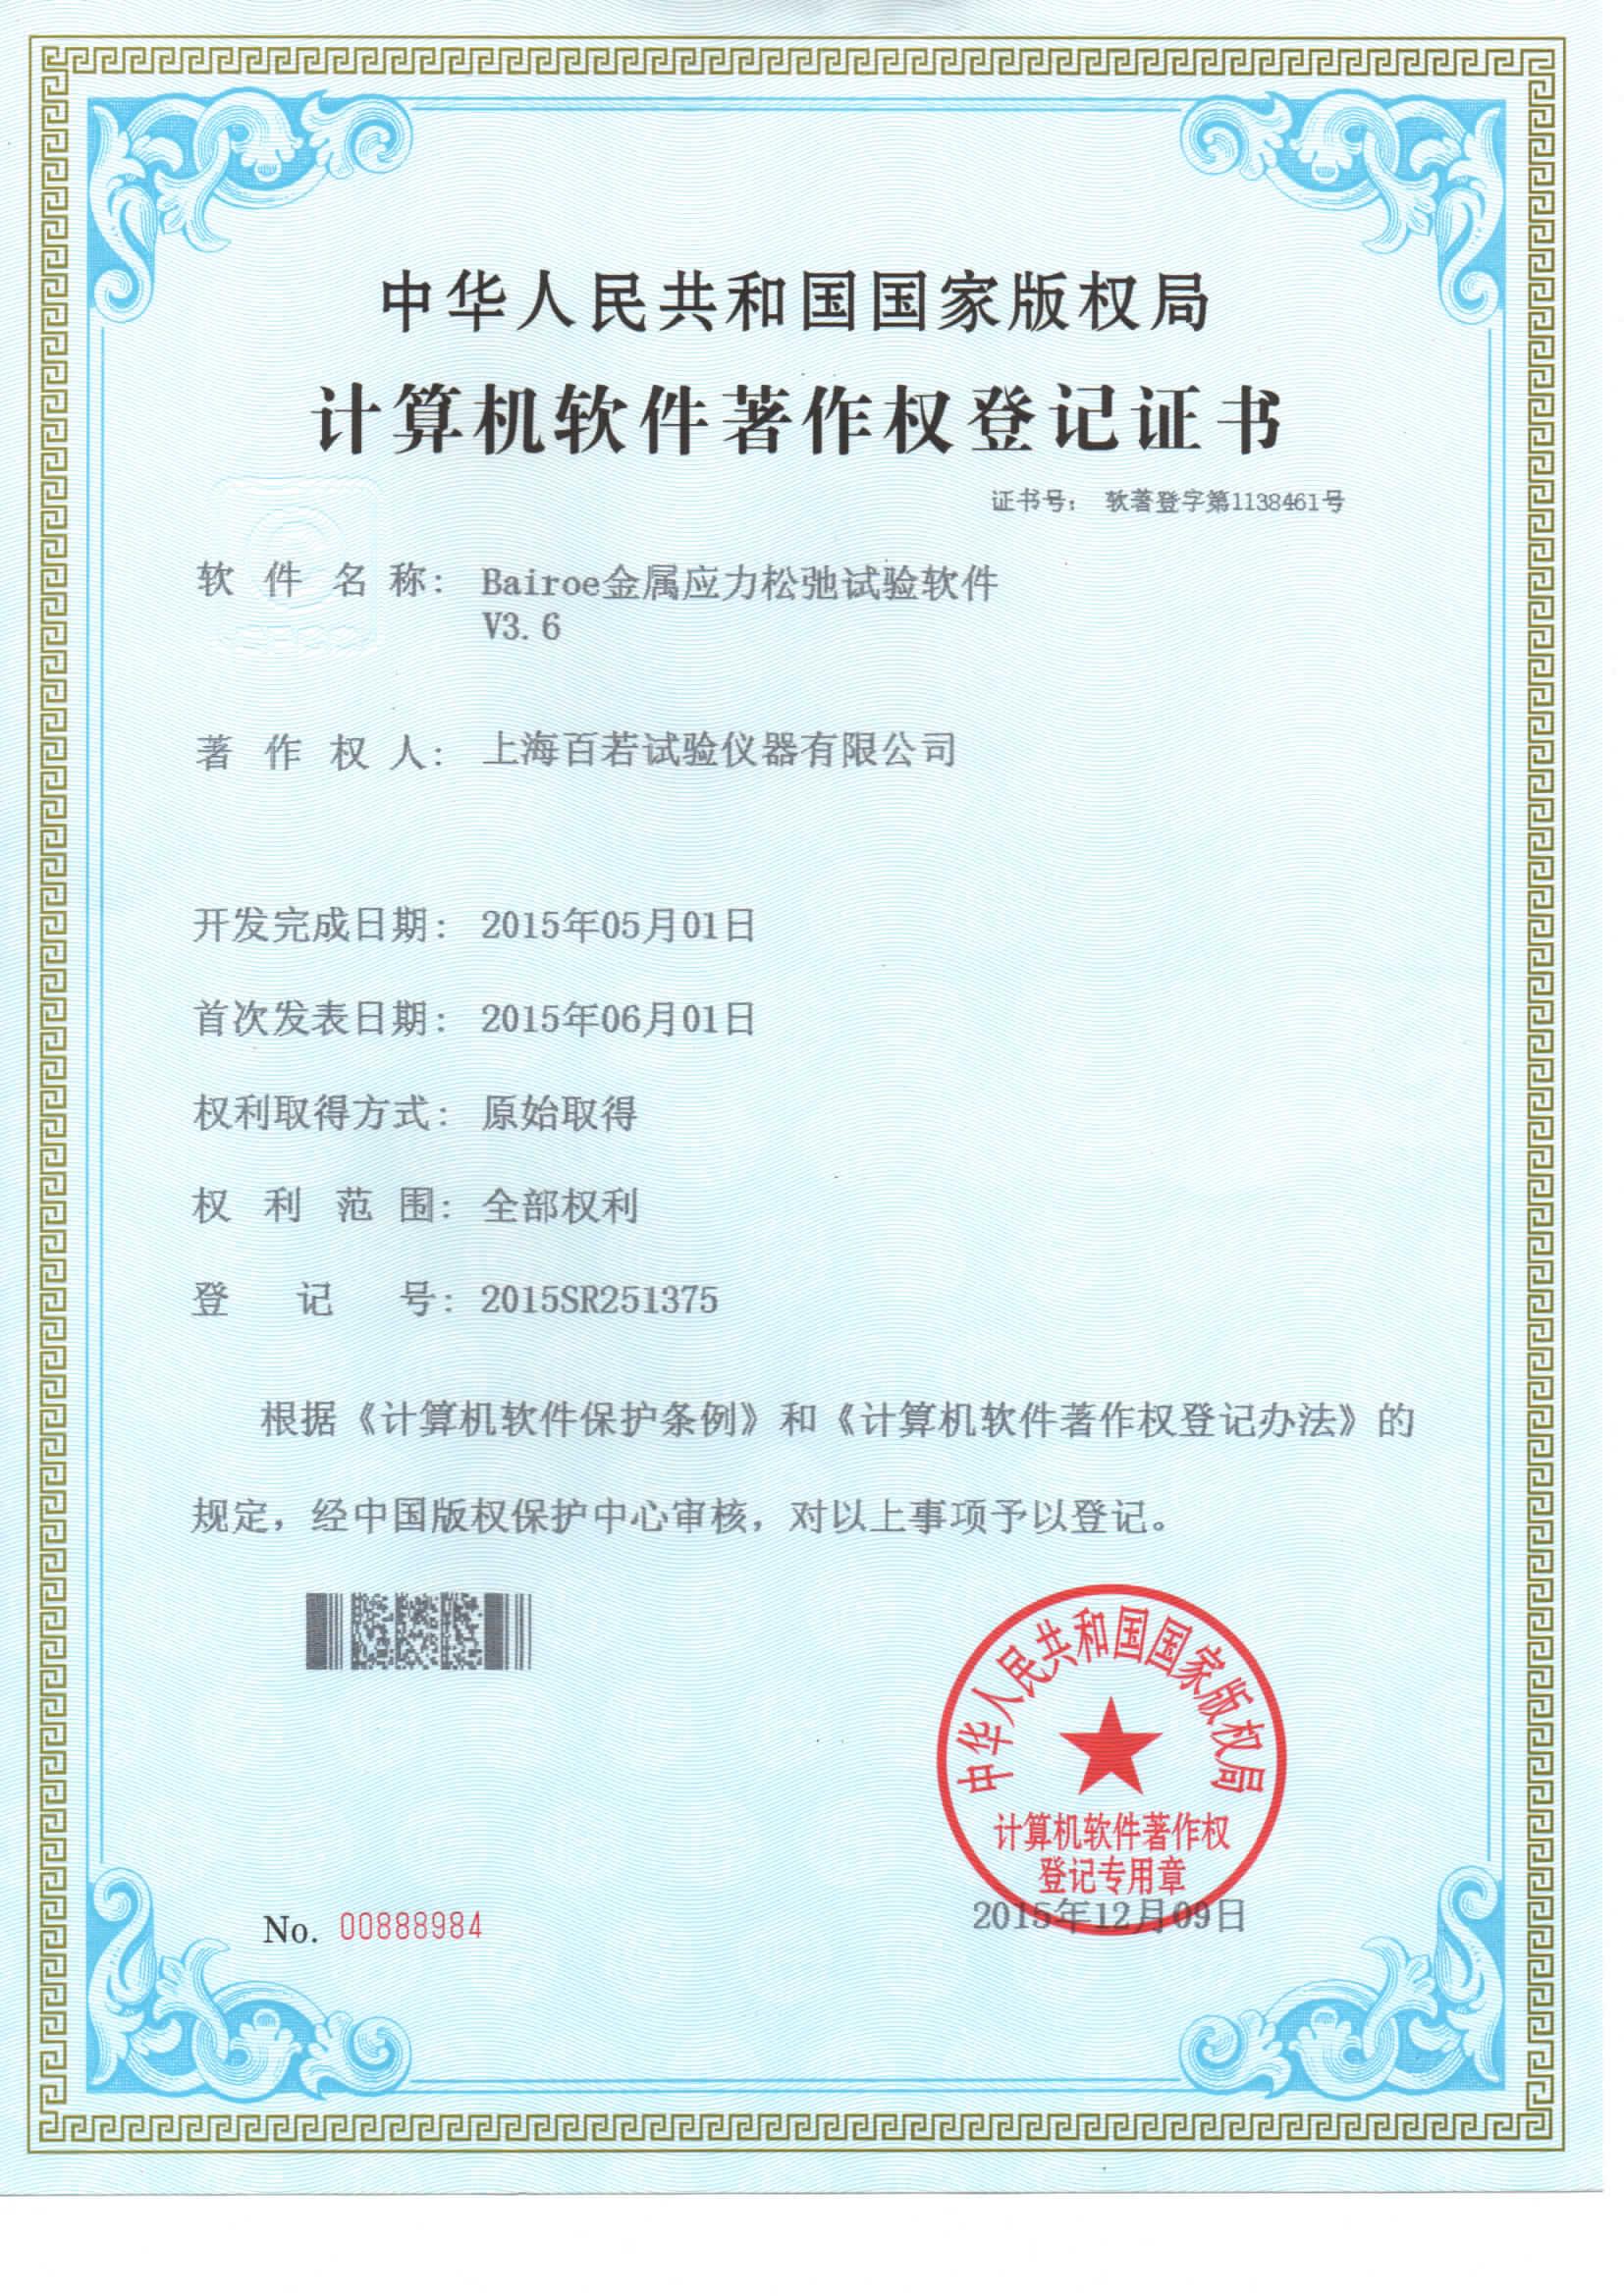 金属应力松弛-计算机软件著作权登记证书